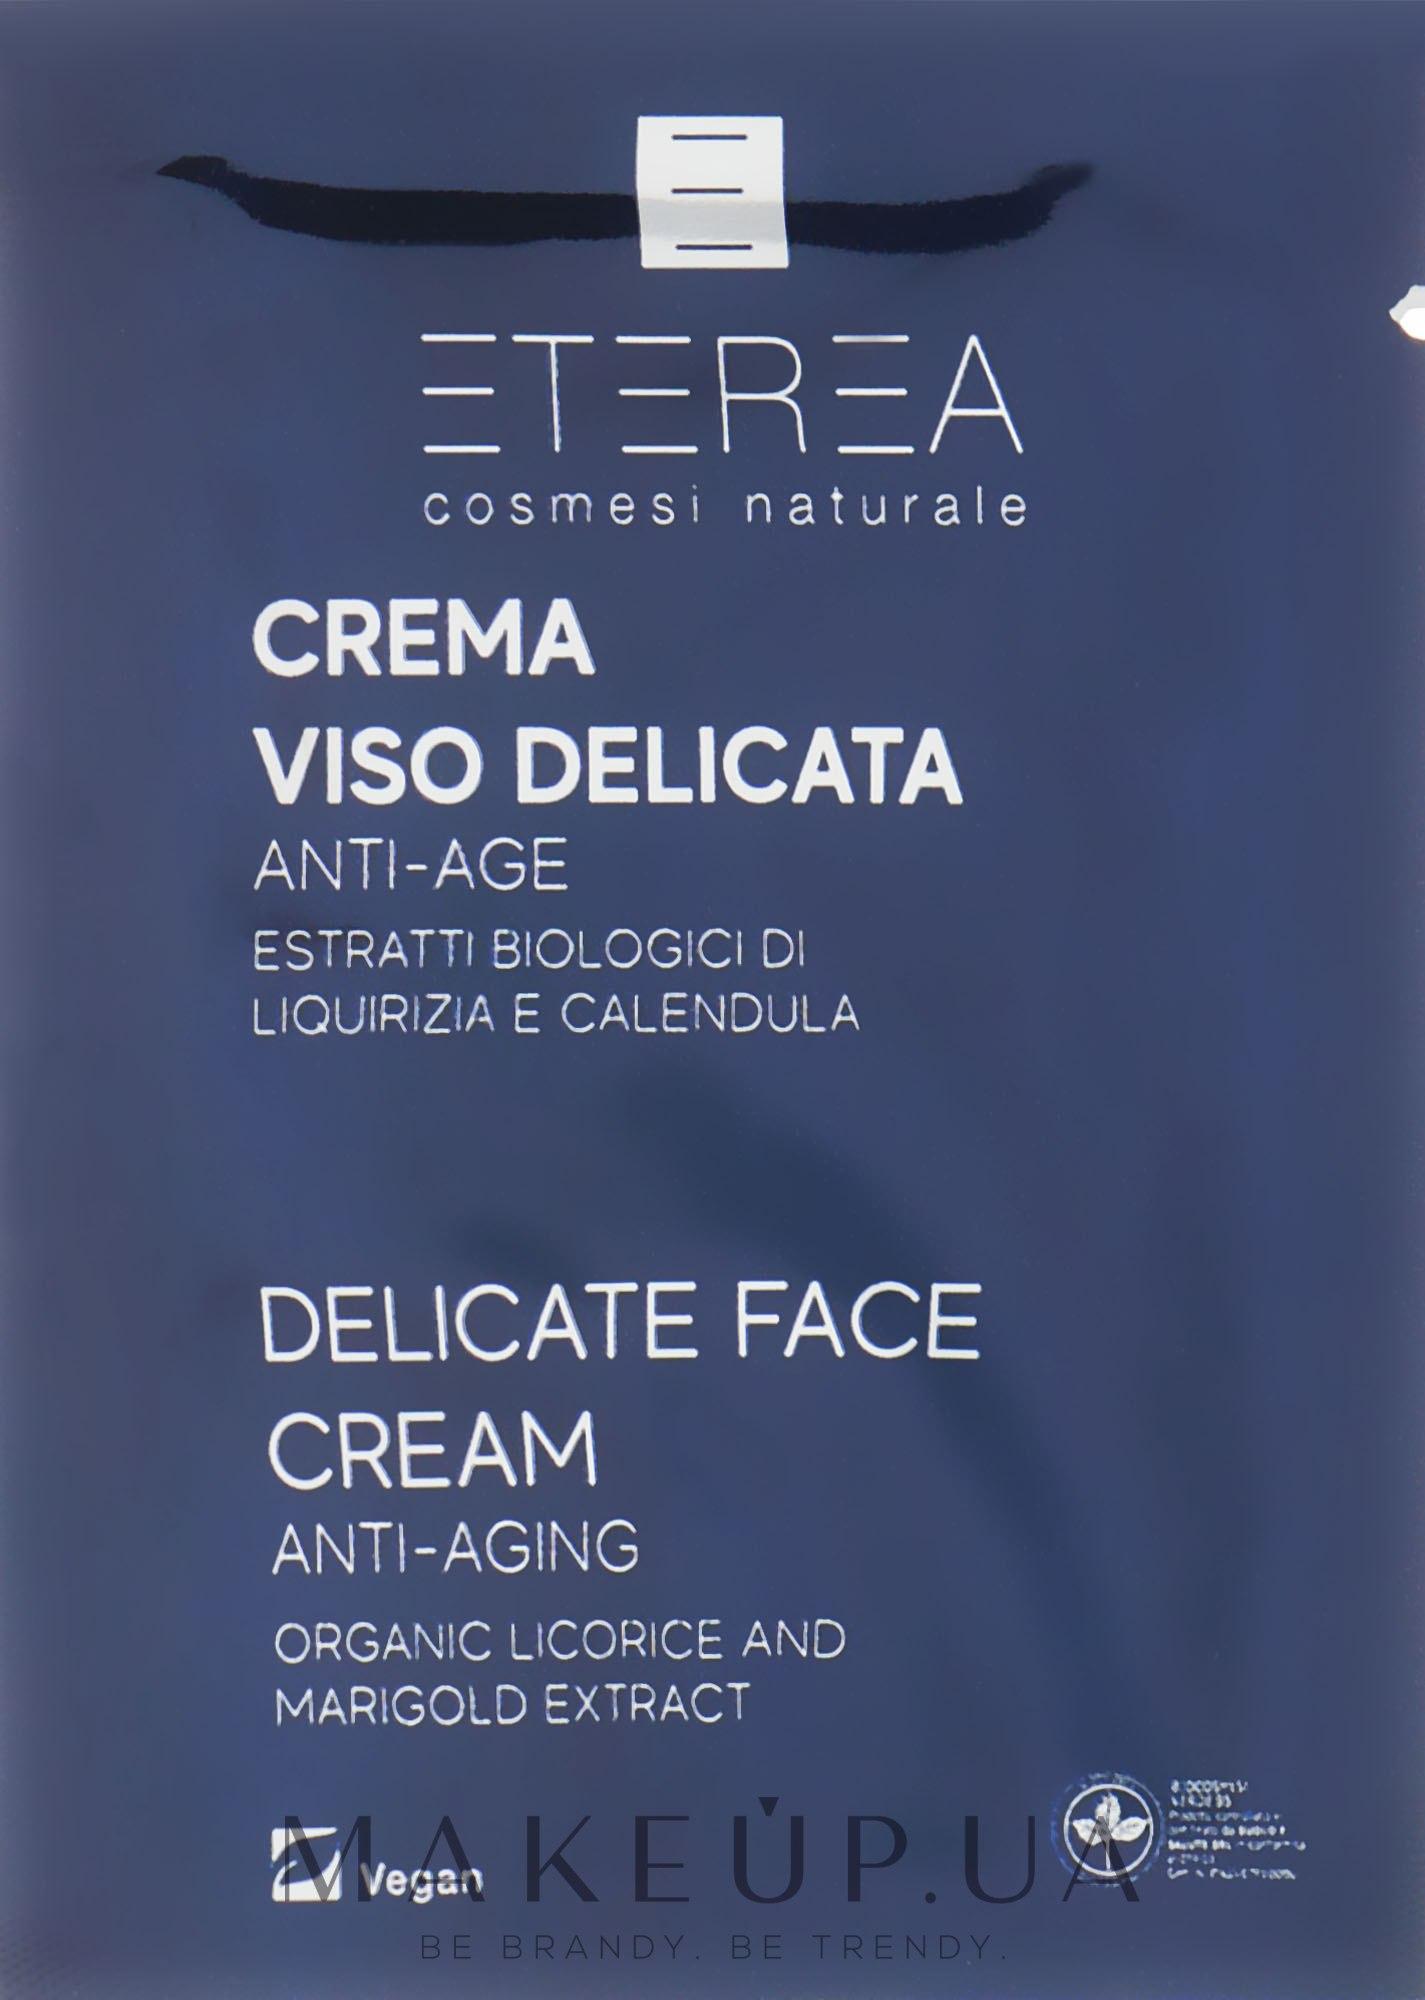 Крем для лица - Eterea Supreme Crema Viso Antiage Delicata (пробник) — фото 2ml